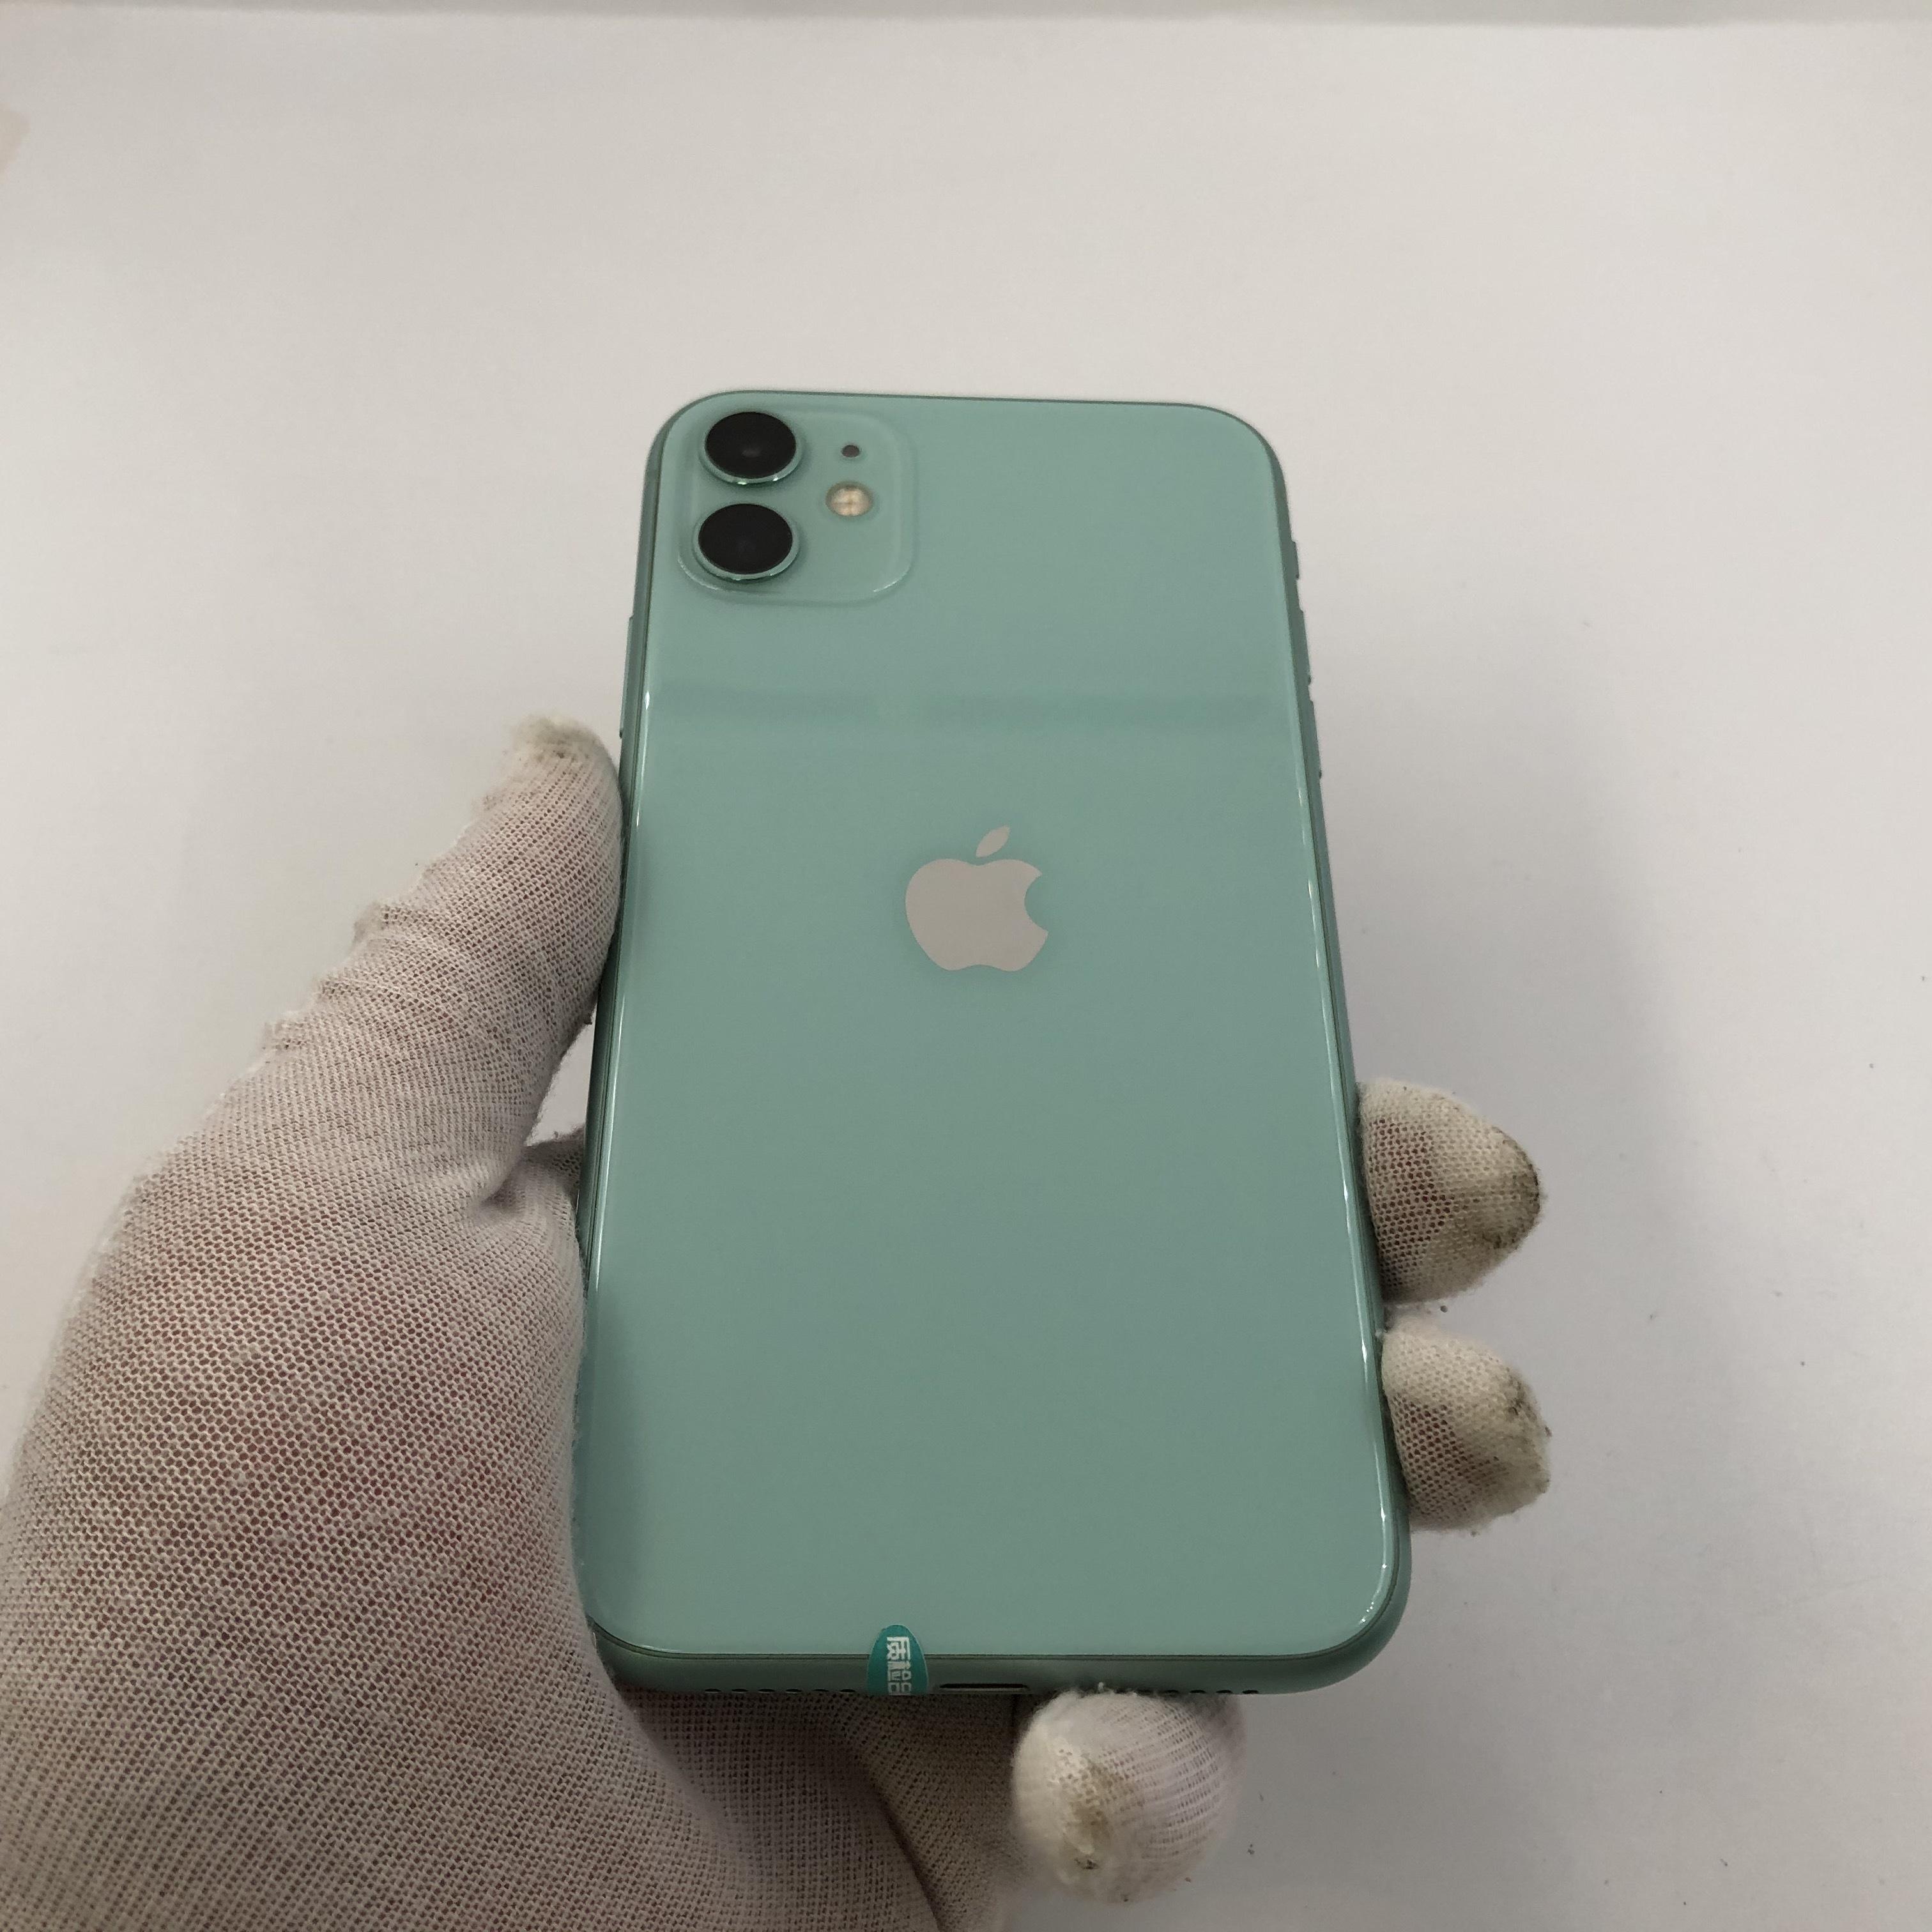 苹果【iPhone 11】4G全网通 绿色 64G 国行 8成新